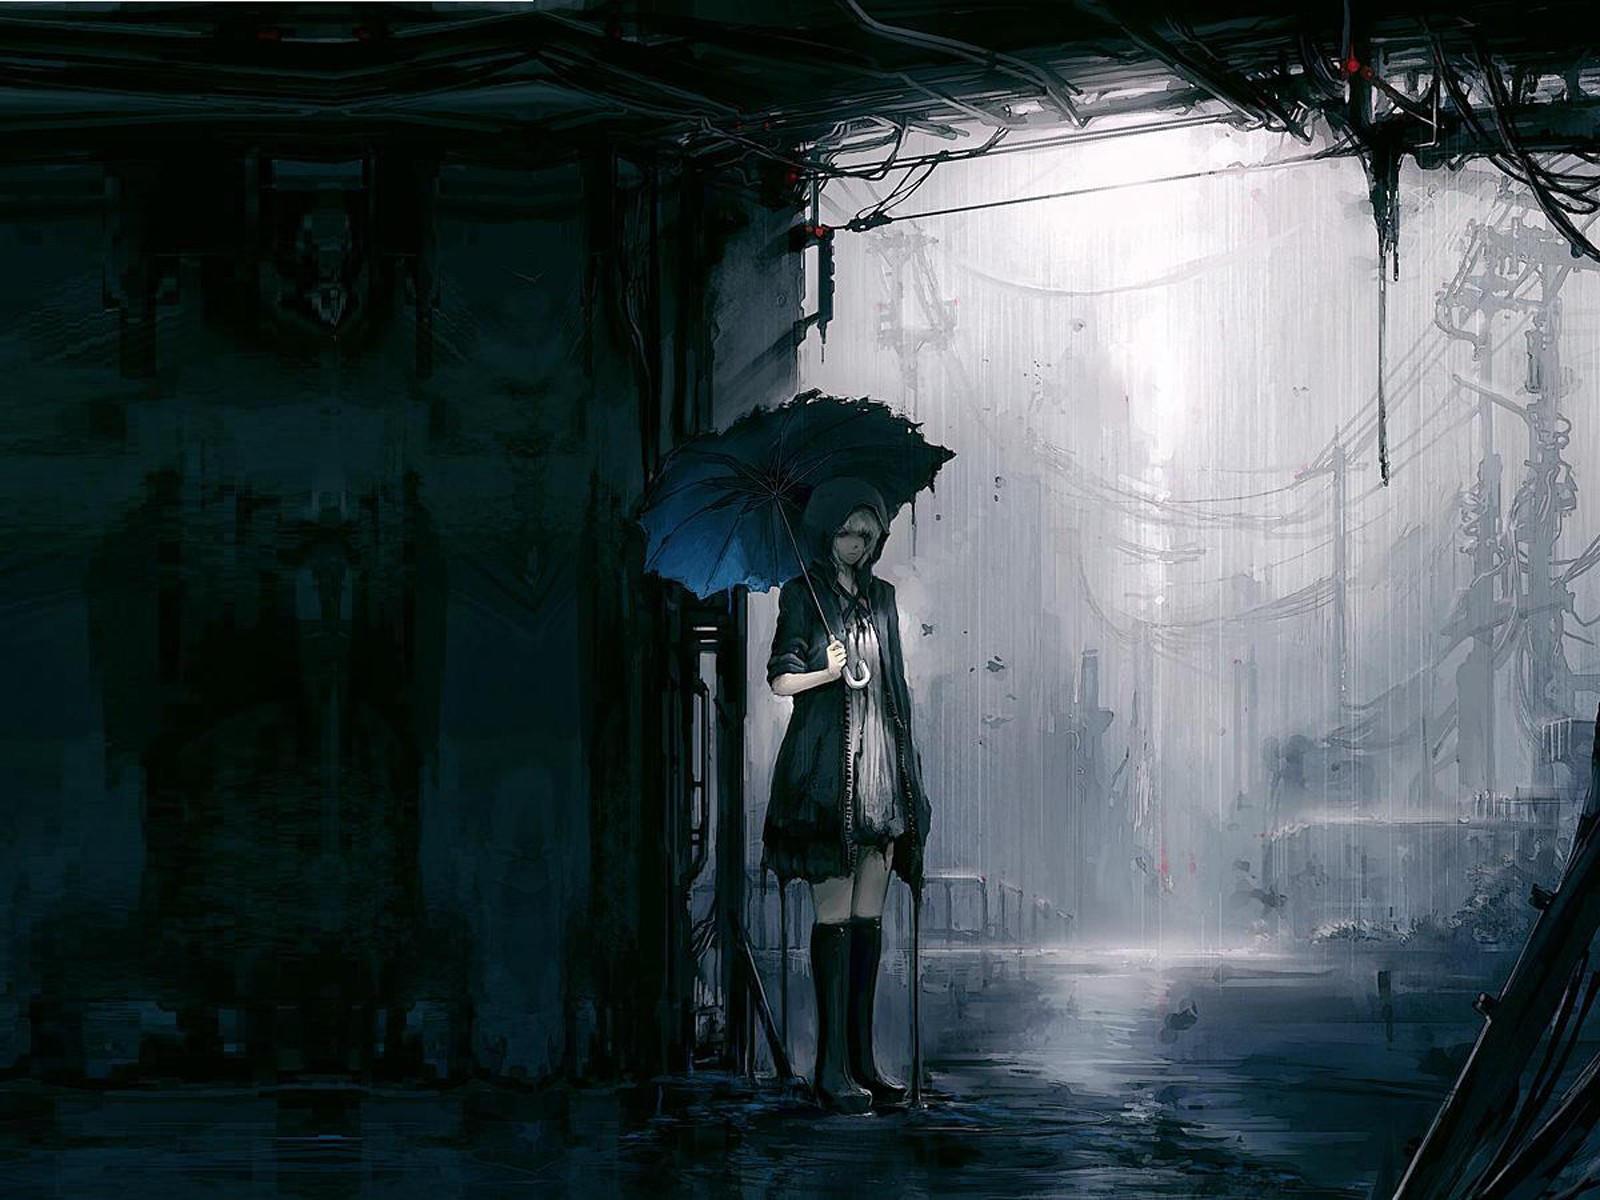 Девушка под зонтом в дождь